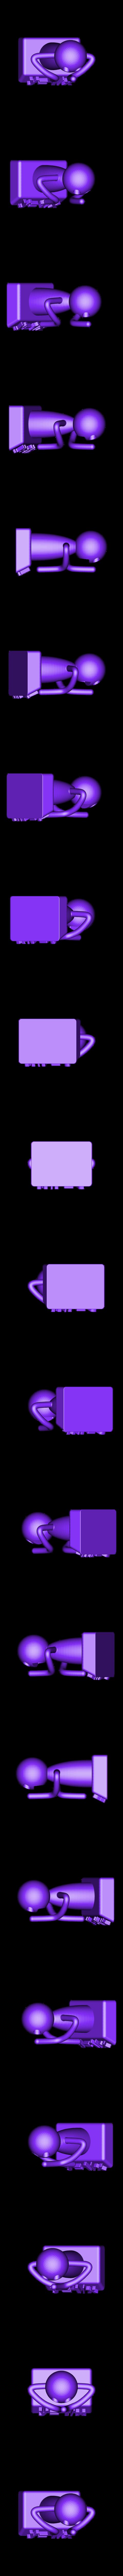 Function_Stickman_y1Ix_full.stl Télécharger fichier STL gratuit Dancing Function Stickmen • Plan pour impression 3D, Chrisibub